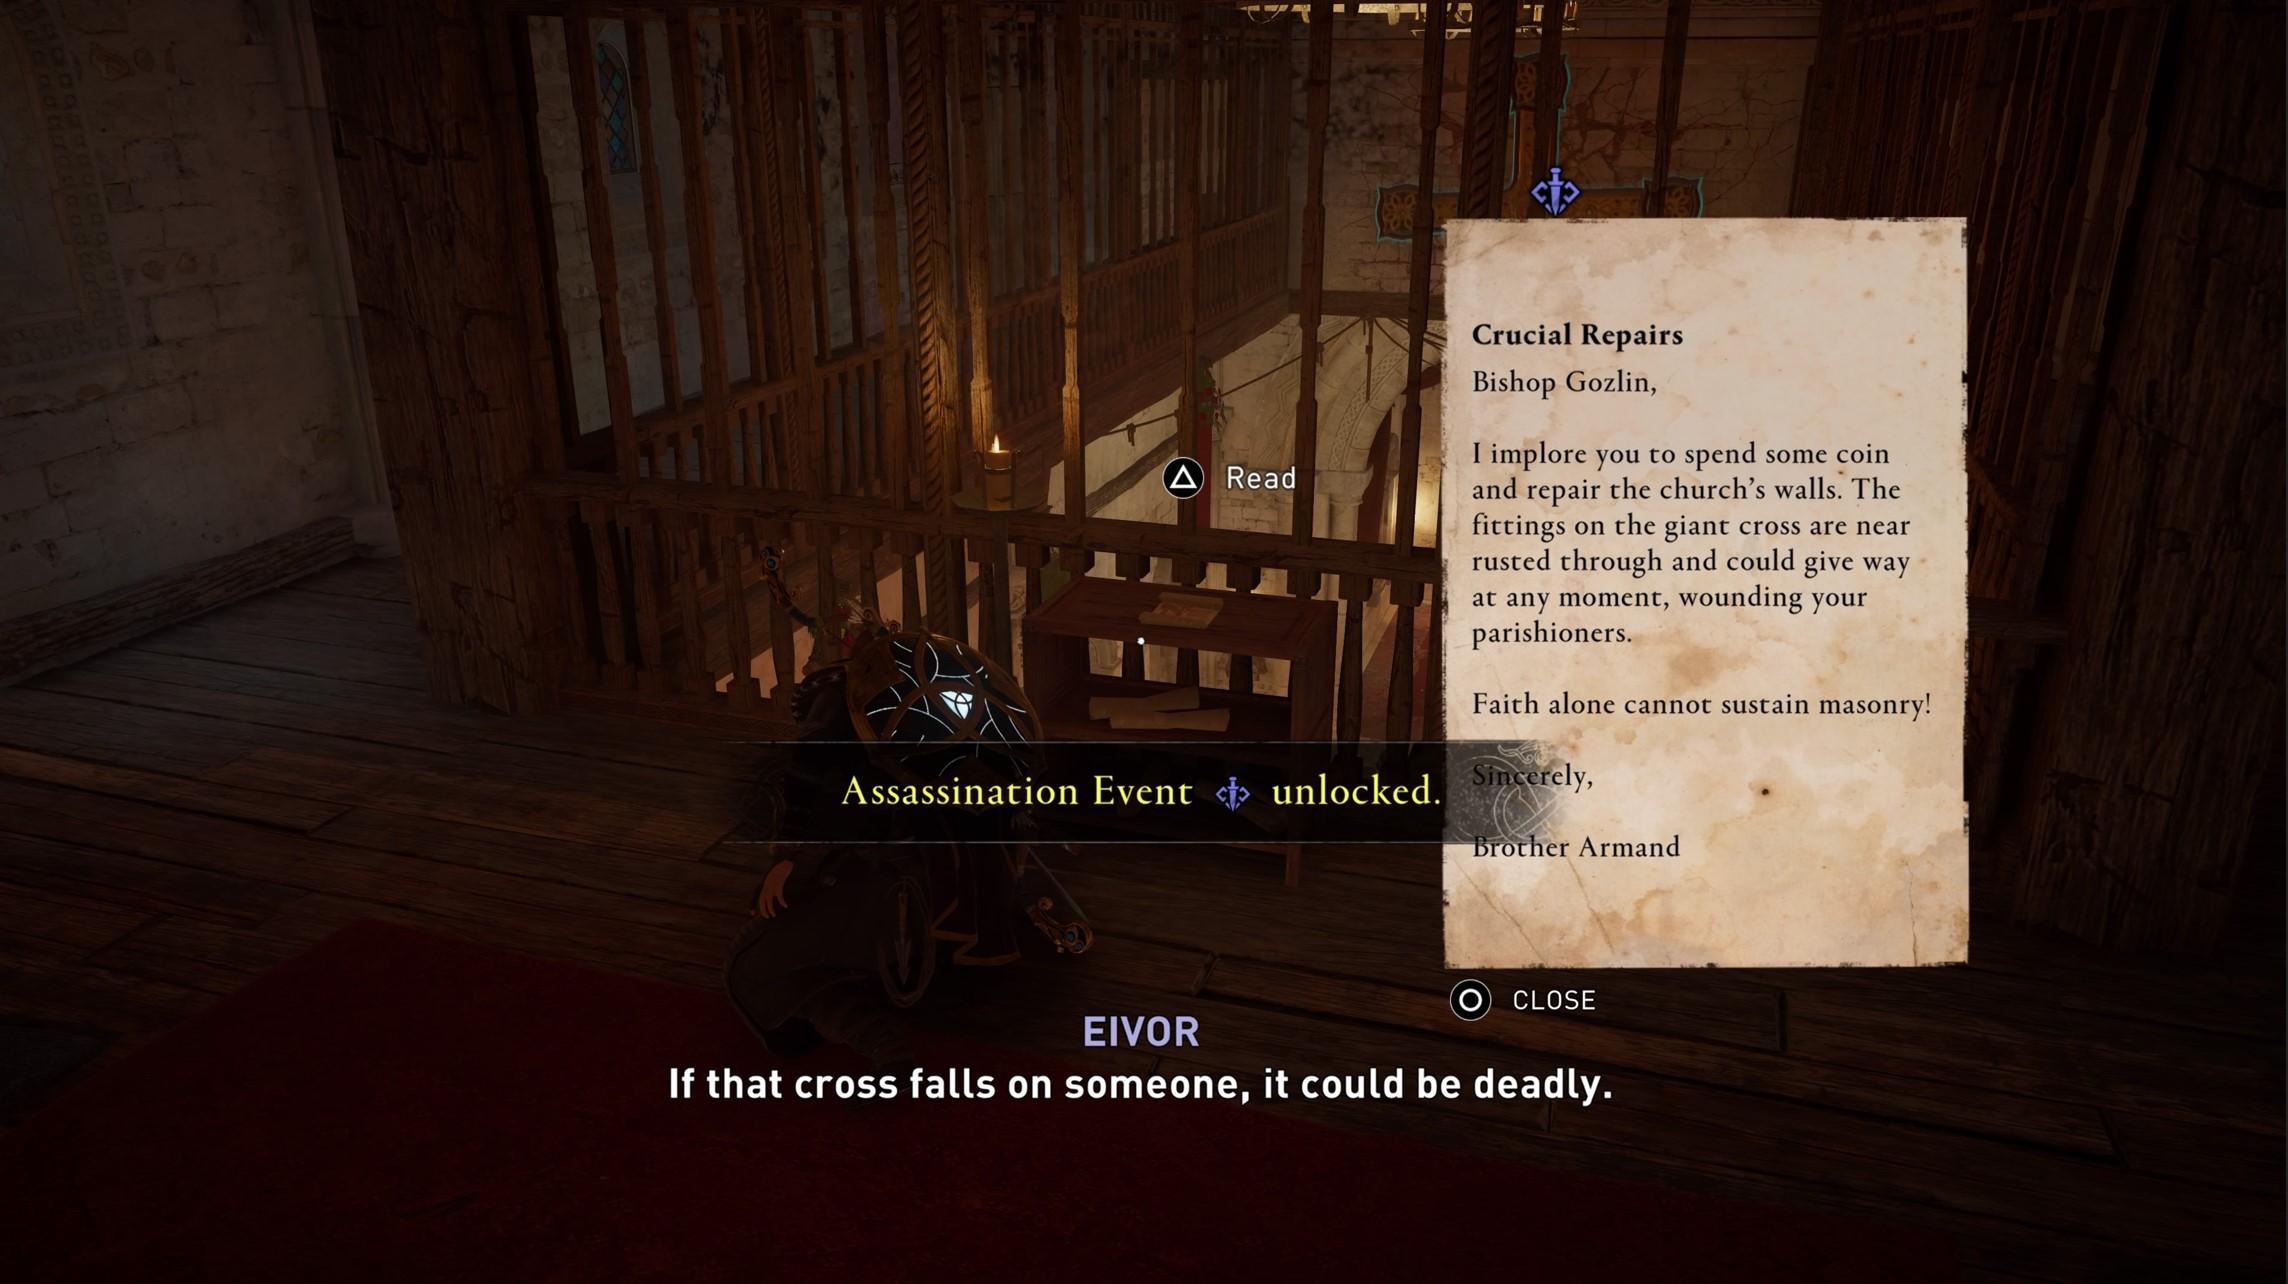 assassins creed valhalla gozlin assassination event unlocked Assassin's Creed Valhalla Siege of Paris | Bishop Gozlin Assassination Event